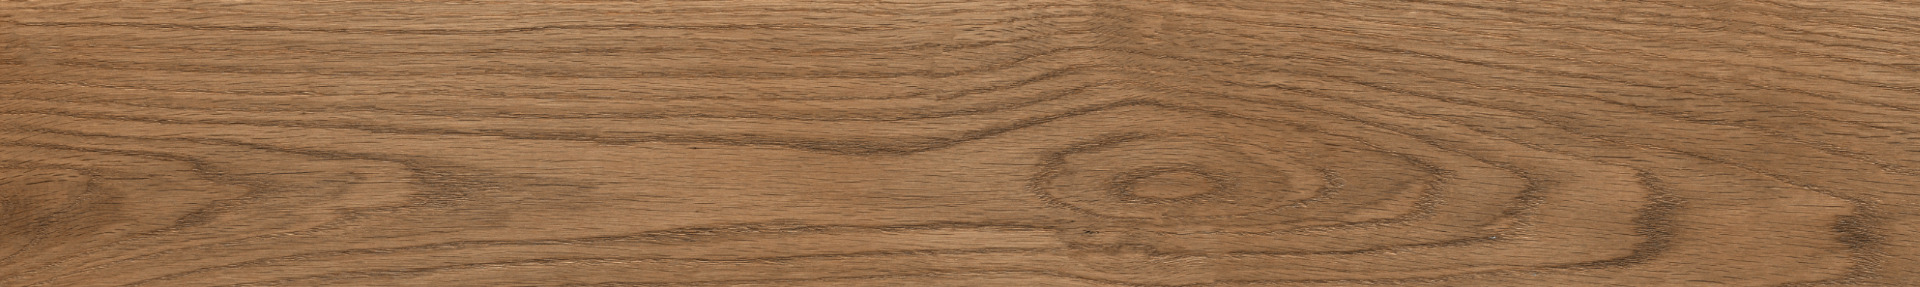 DGVT Veneer Teak Wood